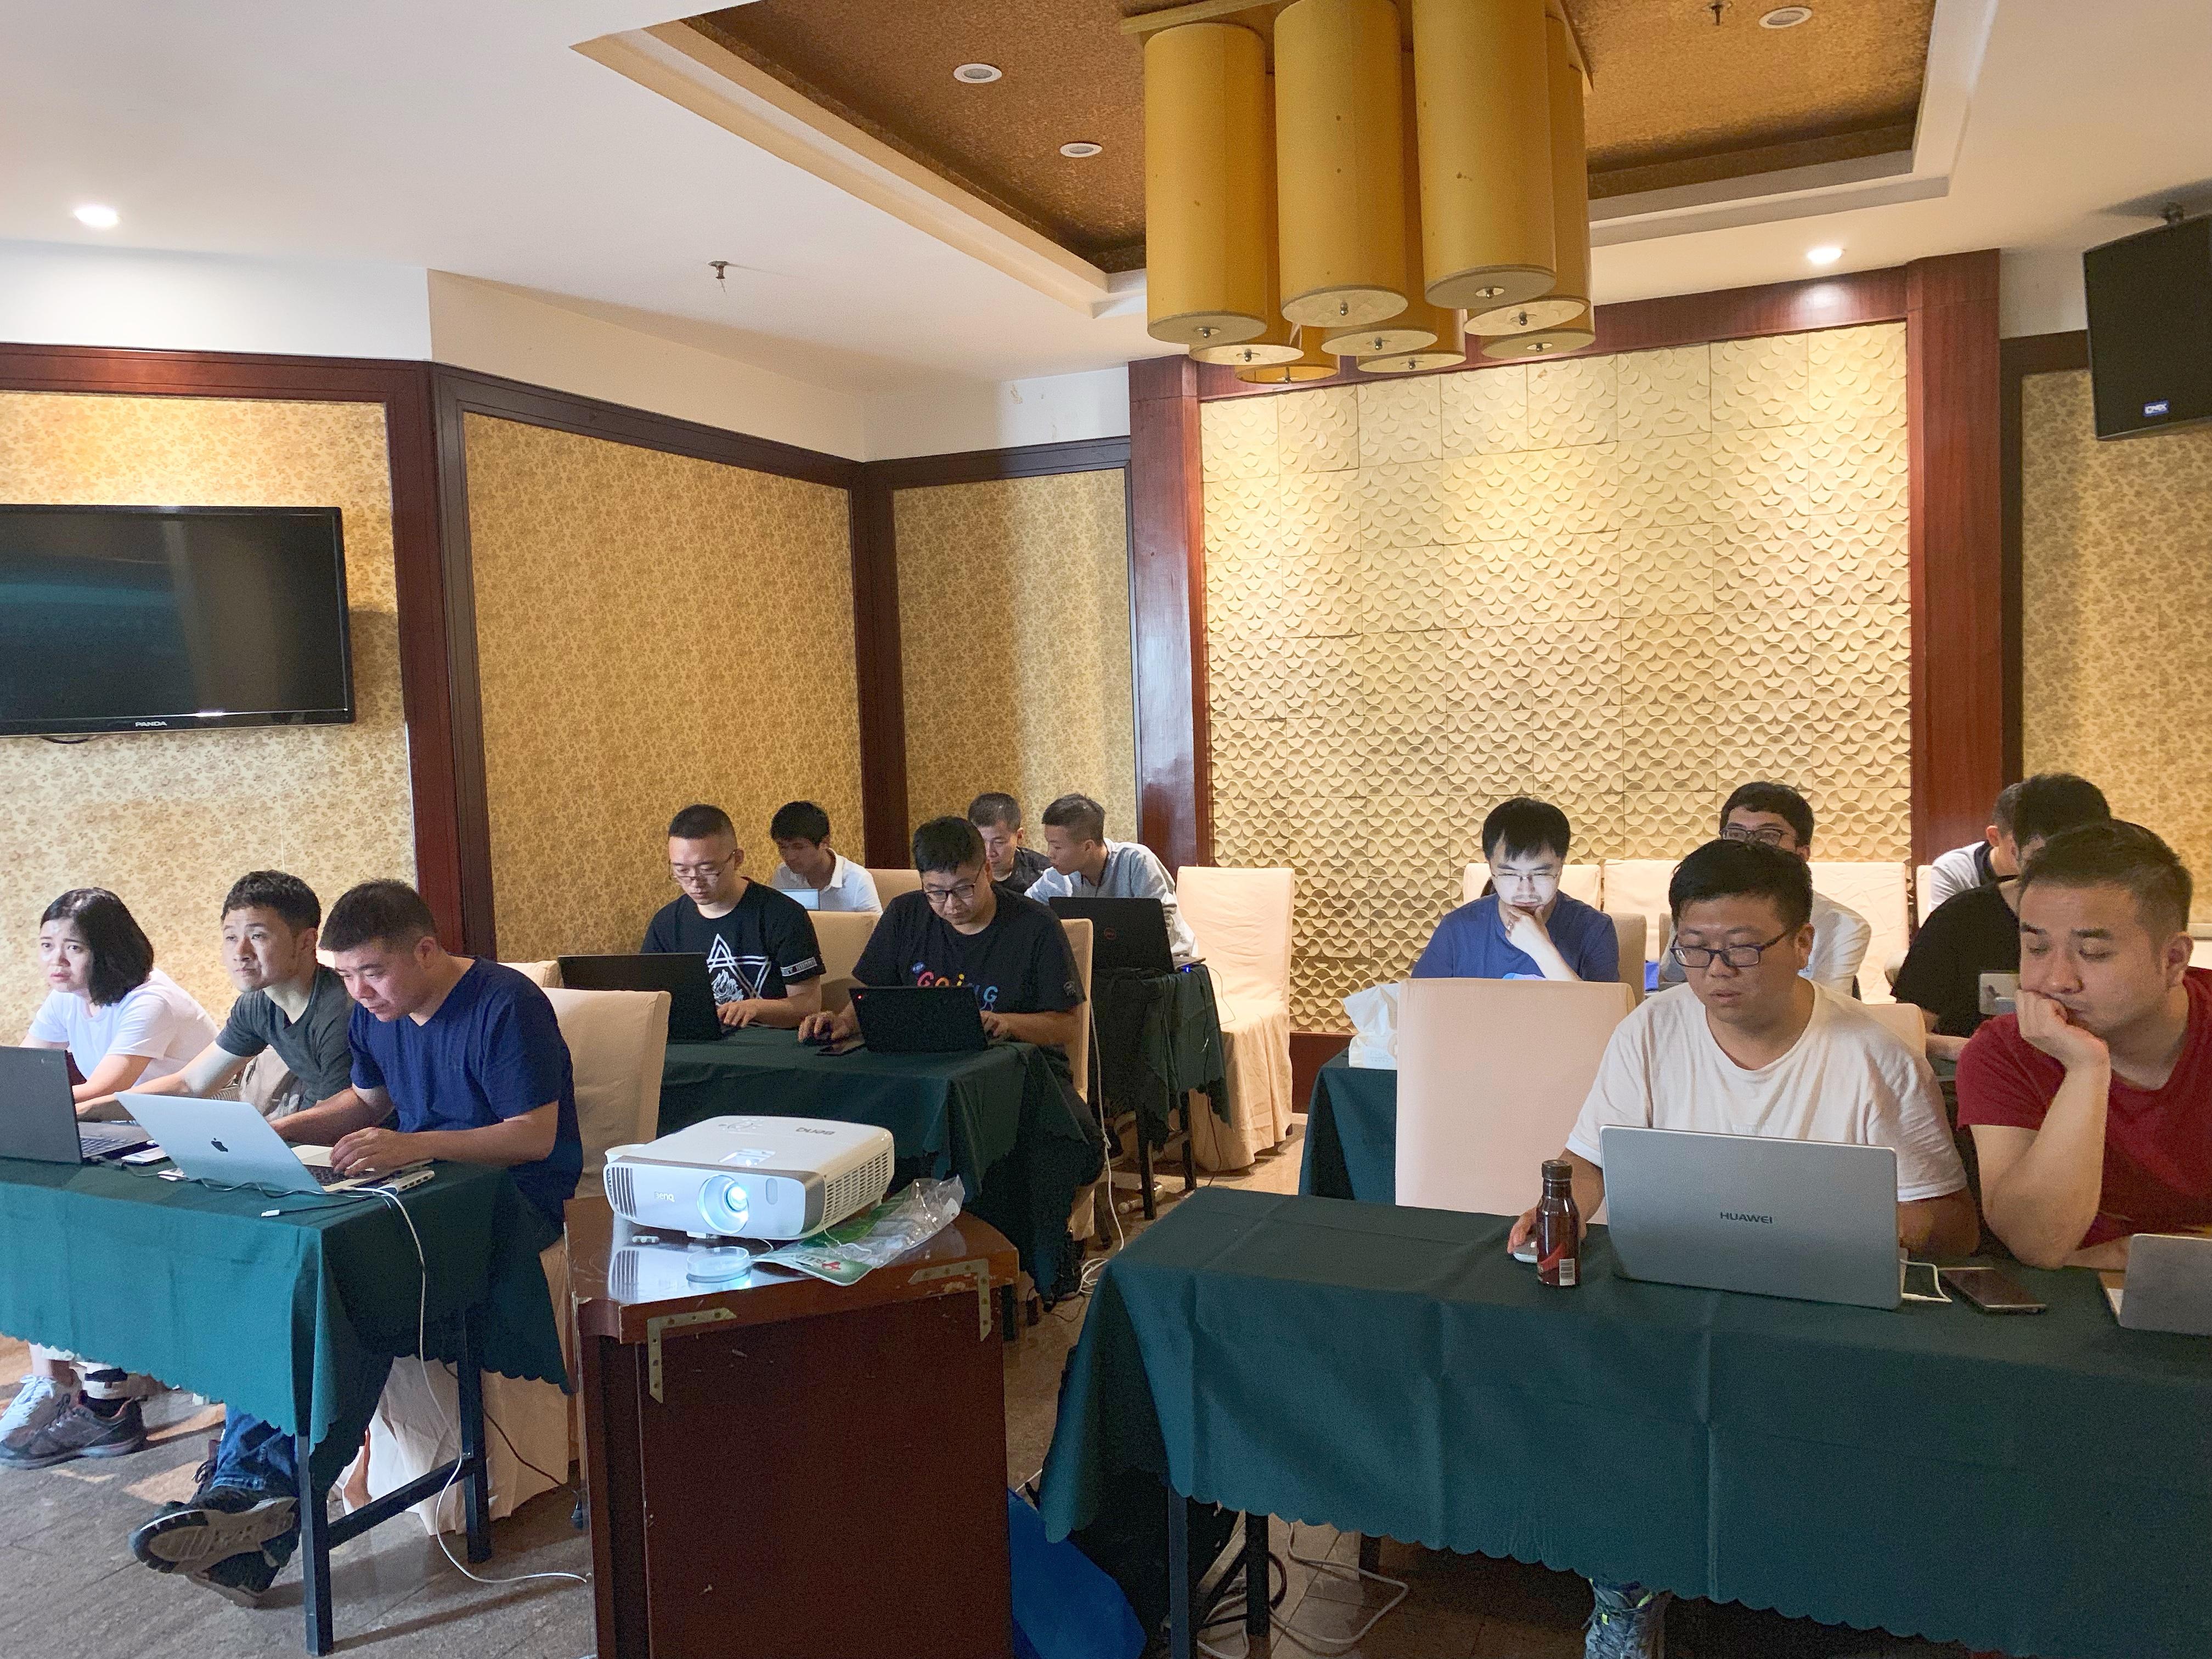 iS-RPA 高级设计师培训 - 南京 20190712 班 - 培训完成